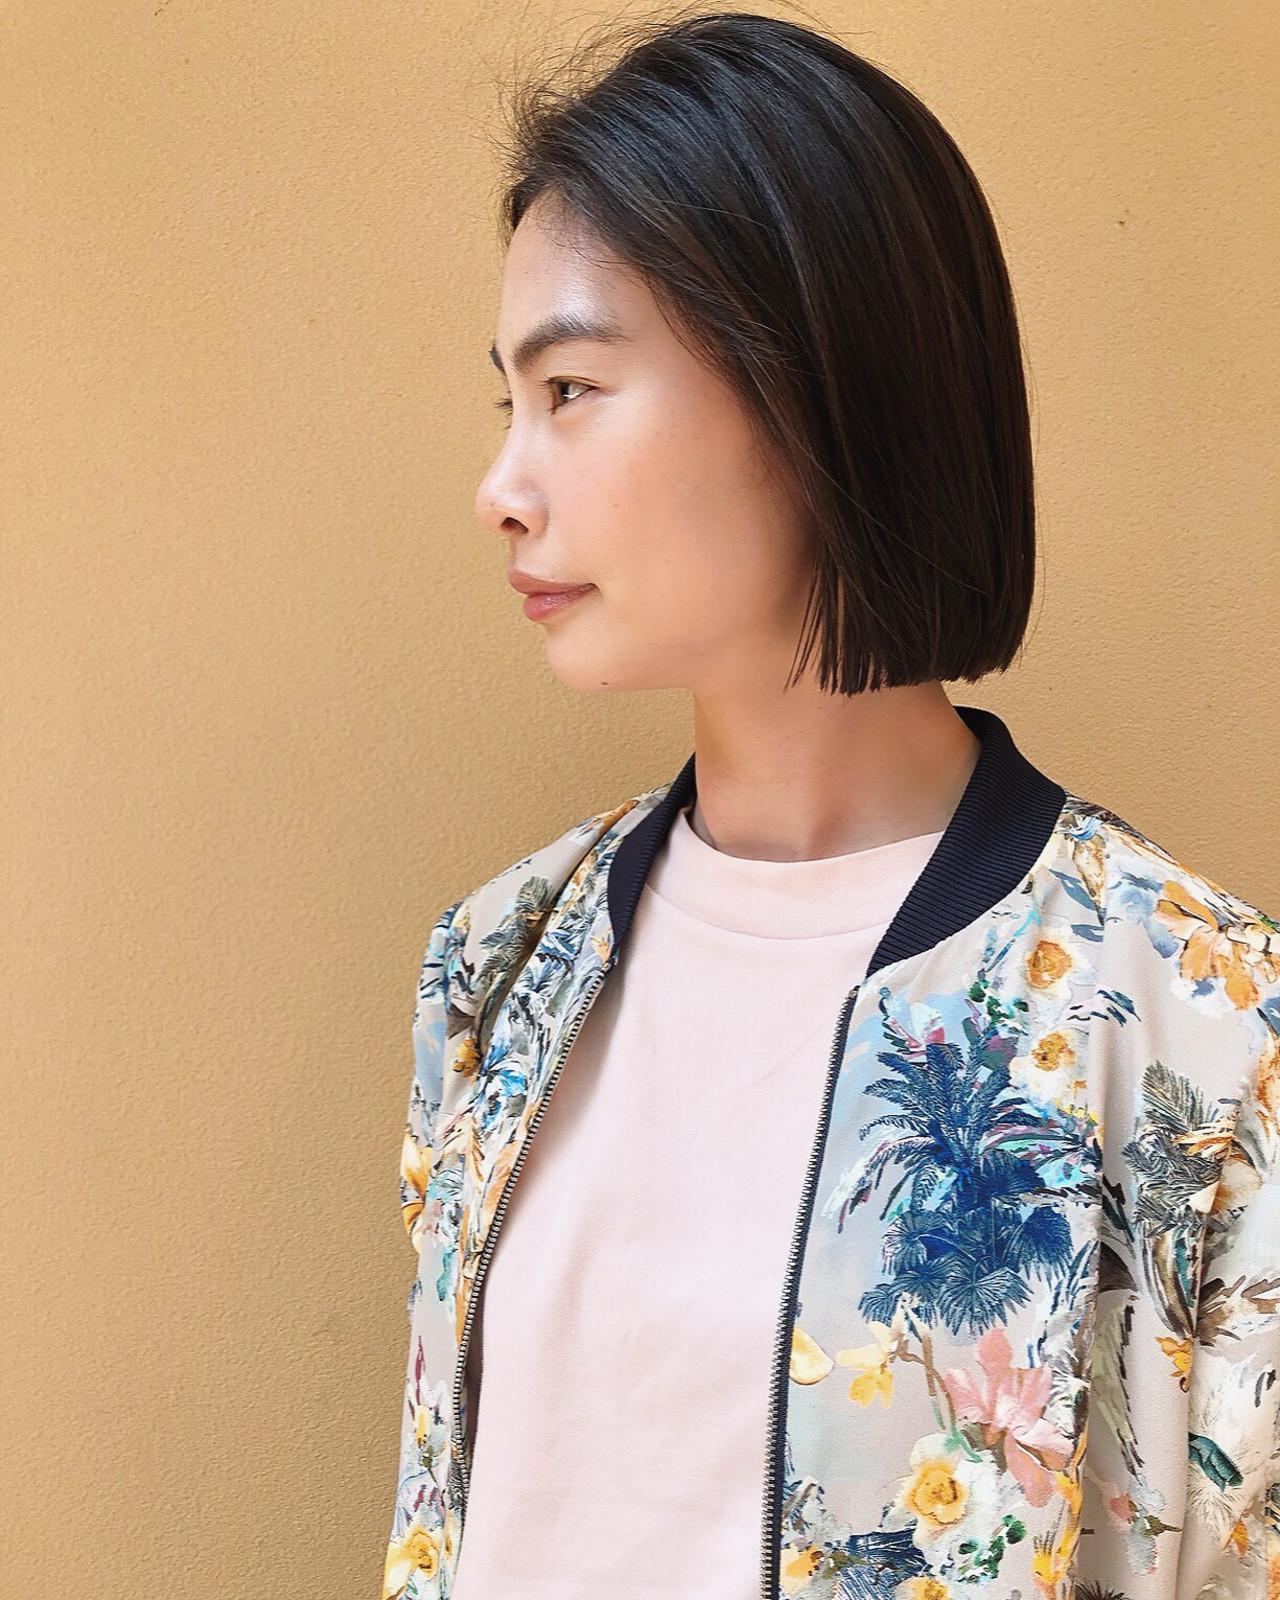 ストレート 韓国ヘア 黒髪 ストリート ヘアスタイルや髪型の写真・画像